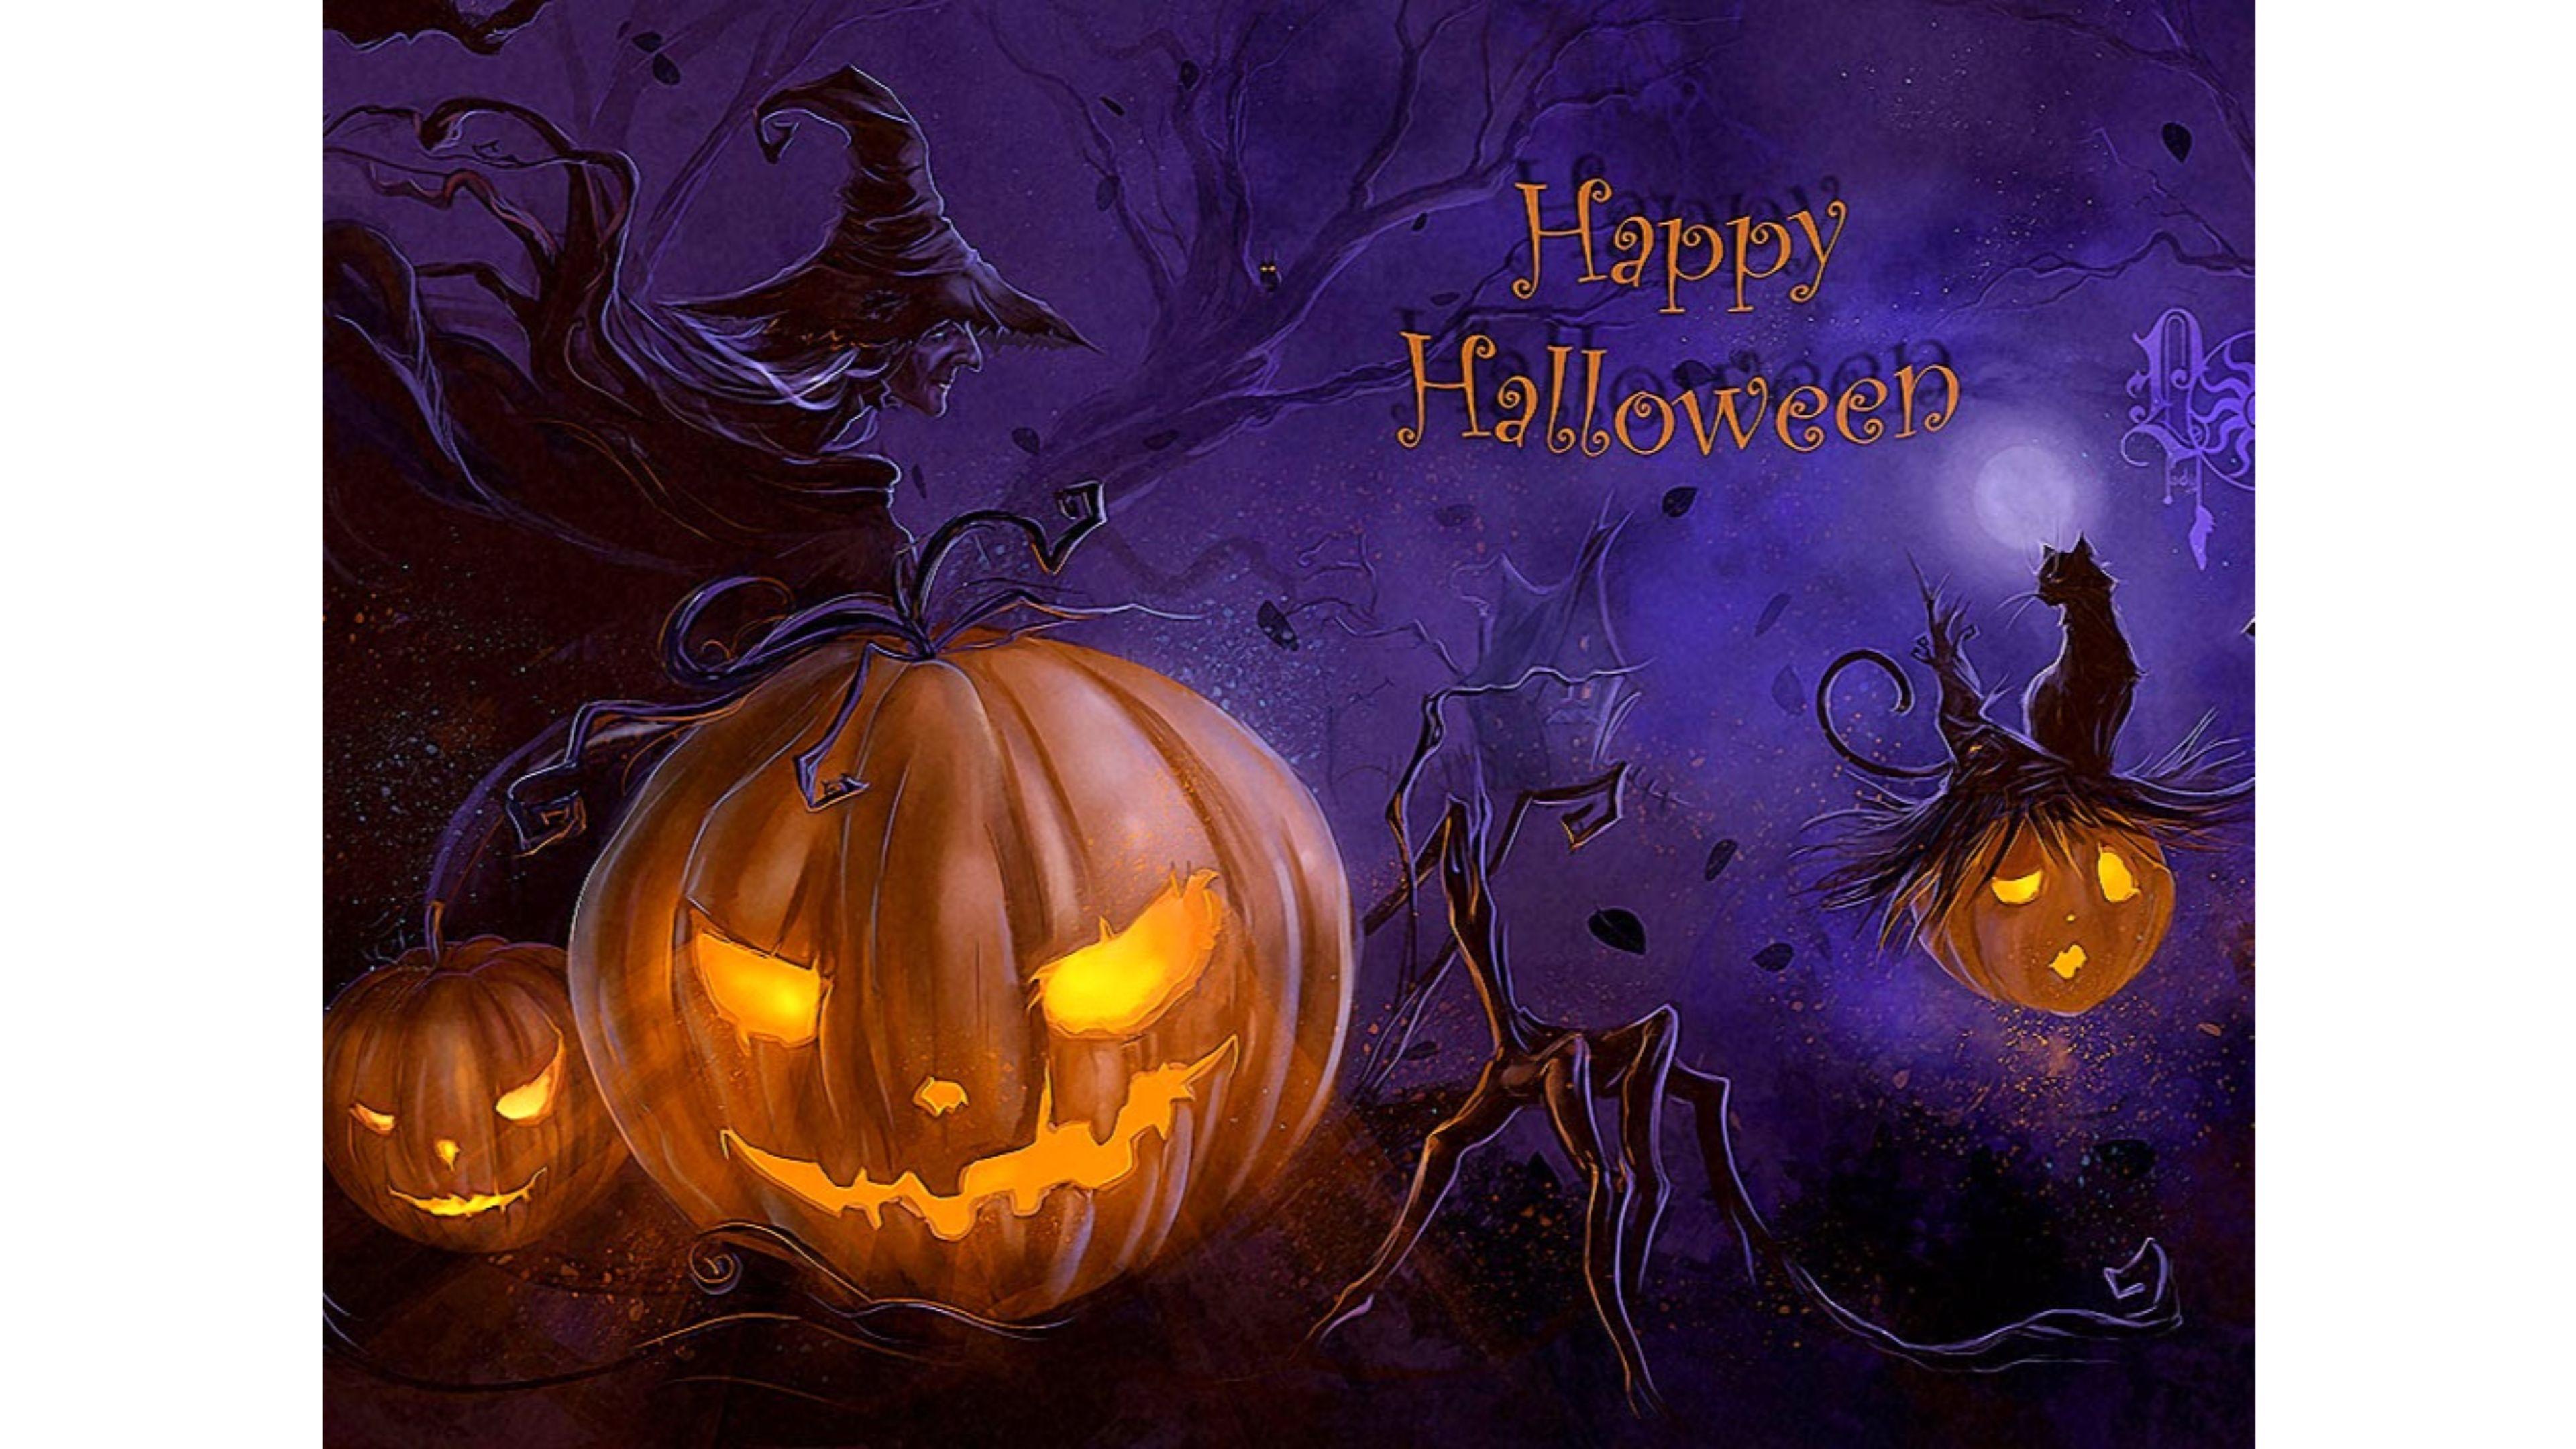 New 2017 Happy Halloween 4K Wallpapers 4K Wallpaper 3840x2160